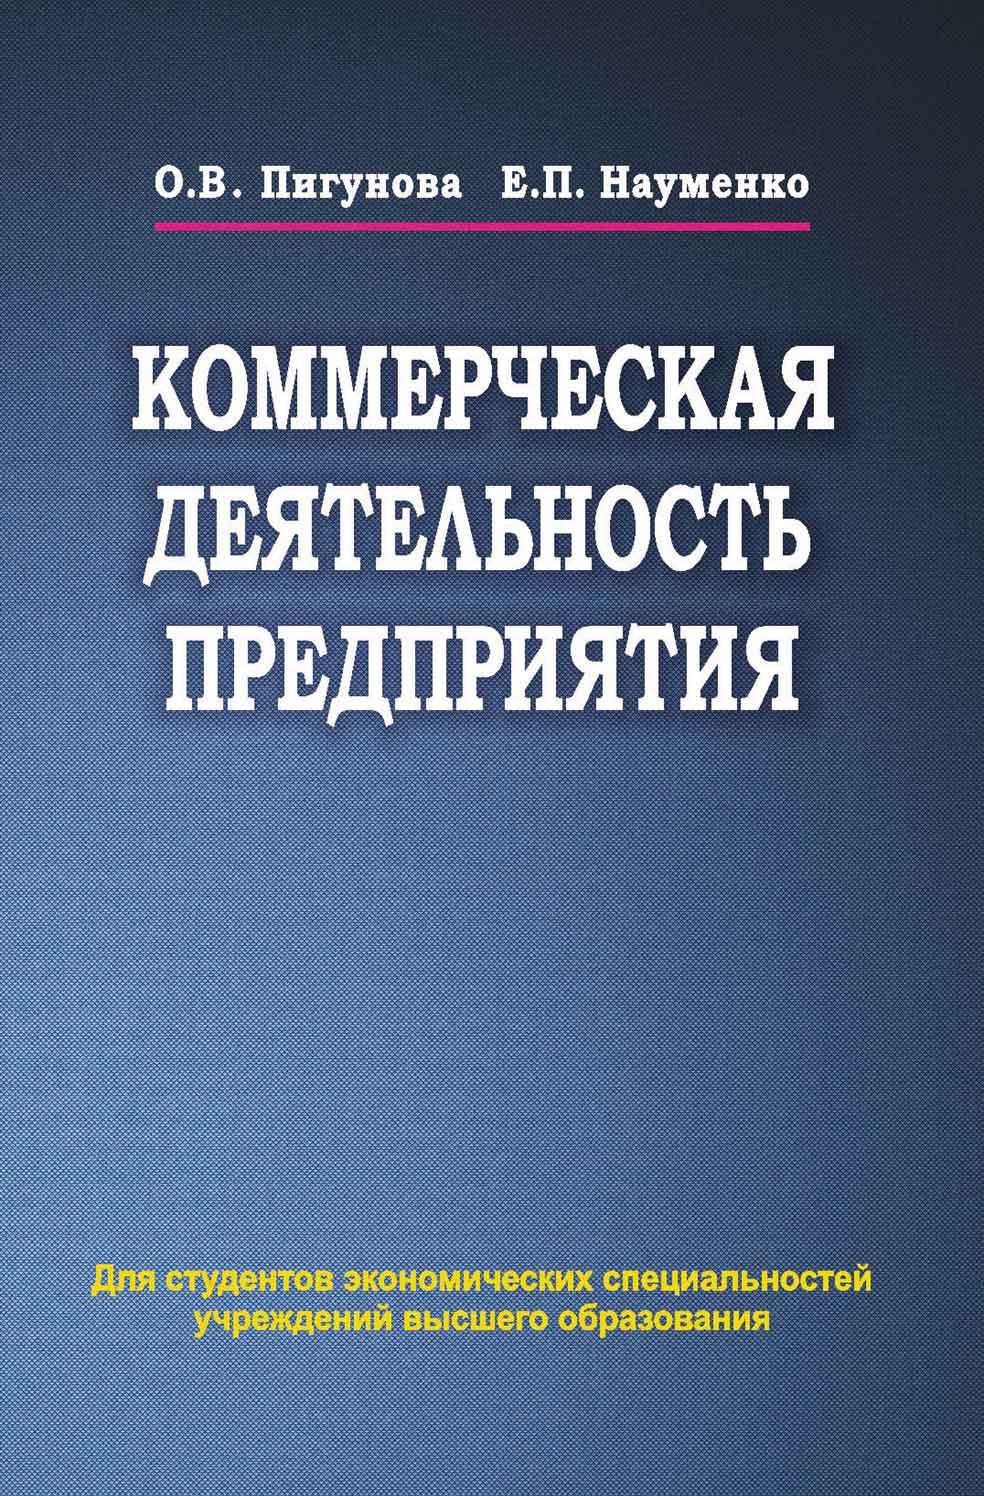 О. В. Пигунова Коммерческая деятельность предприятия